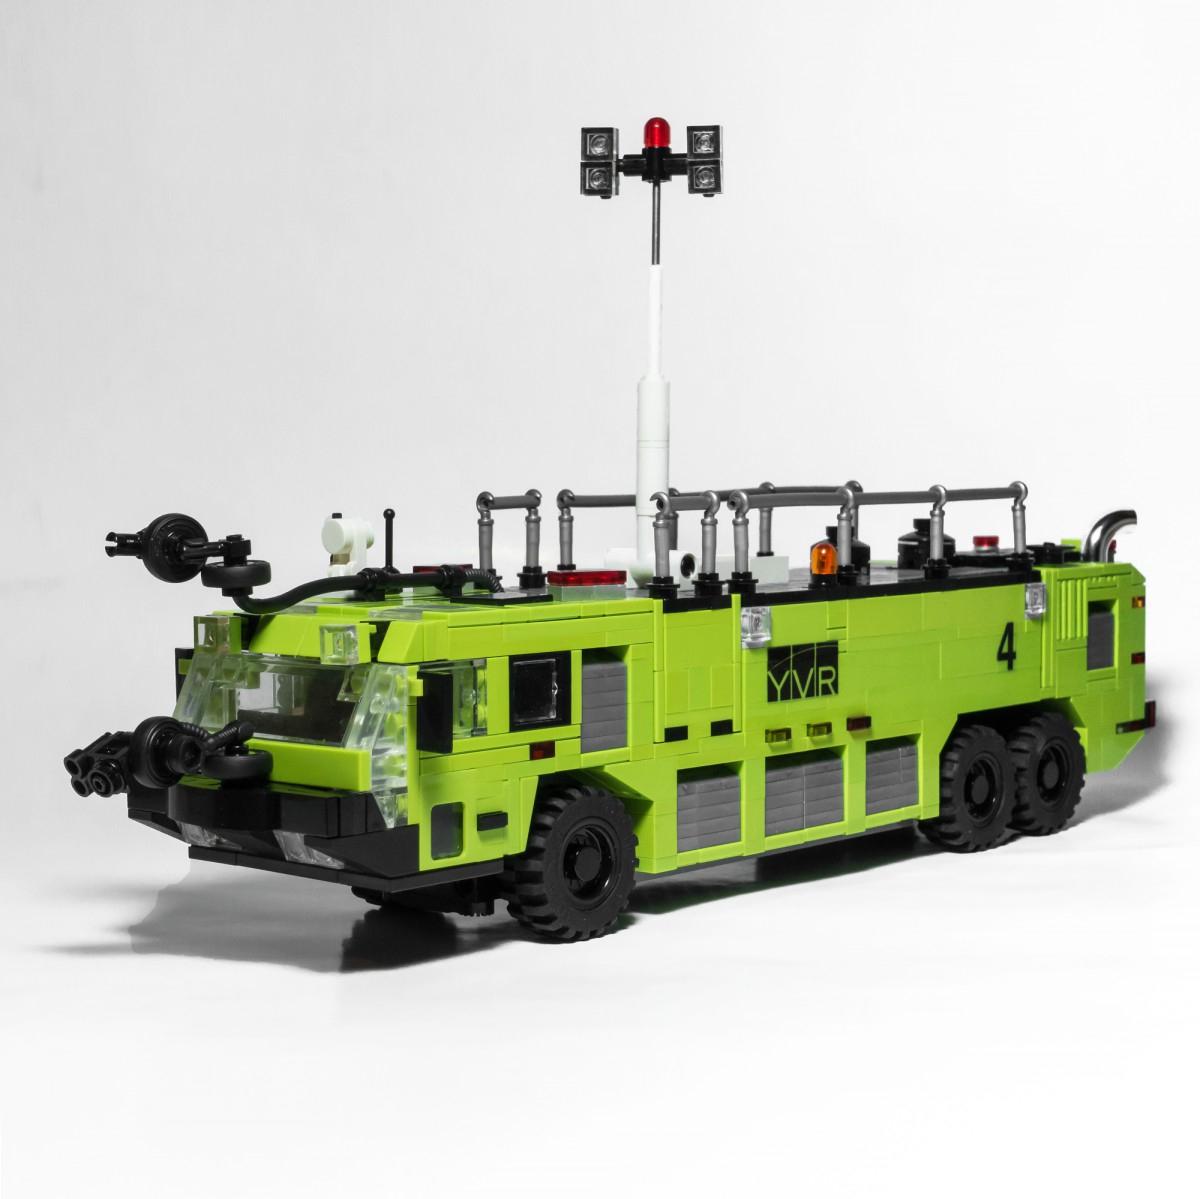 6X6 Flughafen Feuerwehr In Lime ?! :: Lego Bei 1000Steine.de über Lego Flughafenfeuerwehr